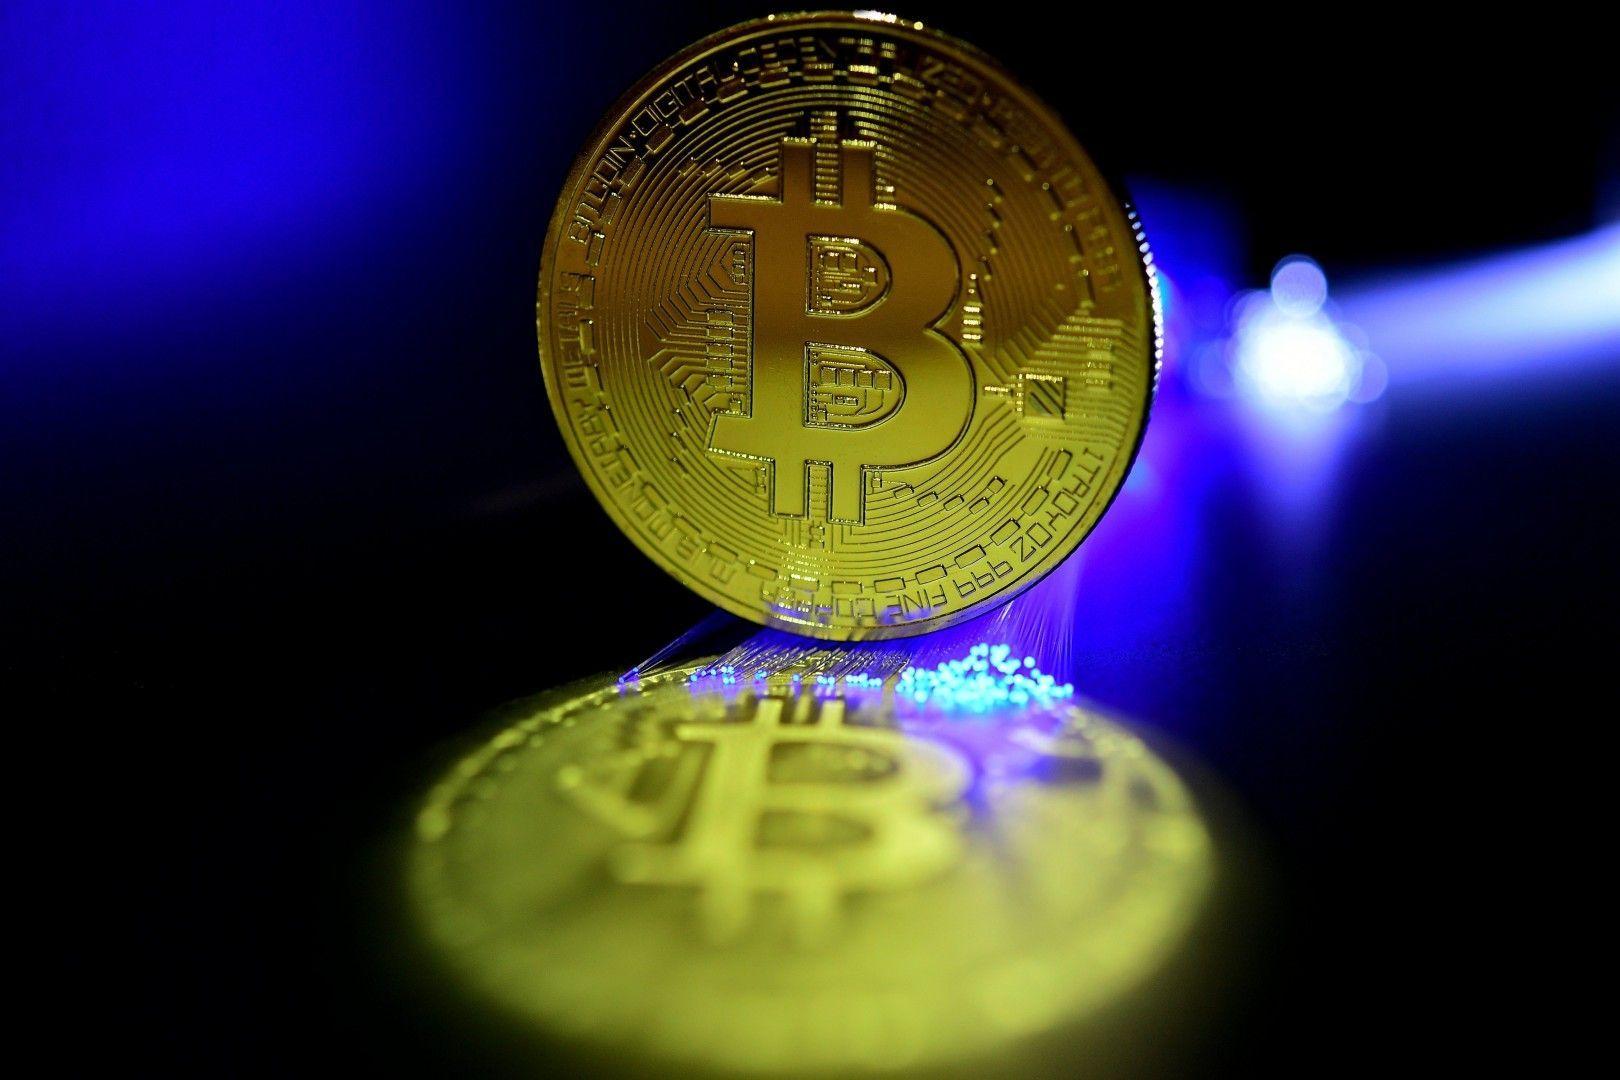 Datos de la firma Elliptic aseguran que las transacciones ilícitas vinculadas a Bitcoin se mantienen por debajo del 1%